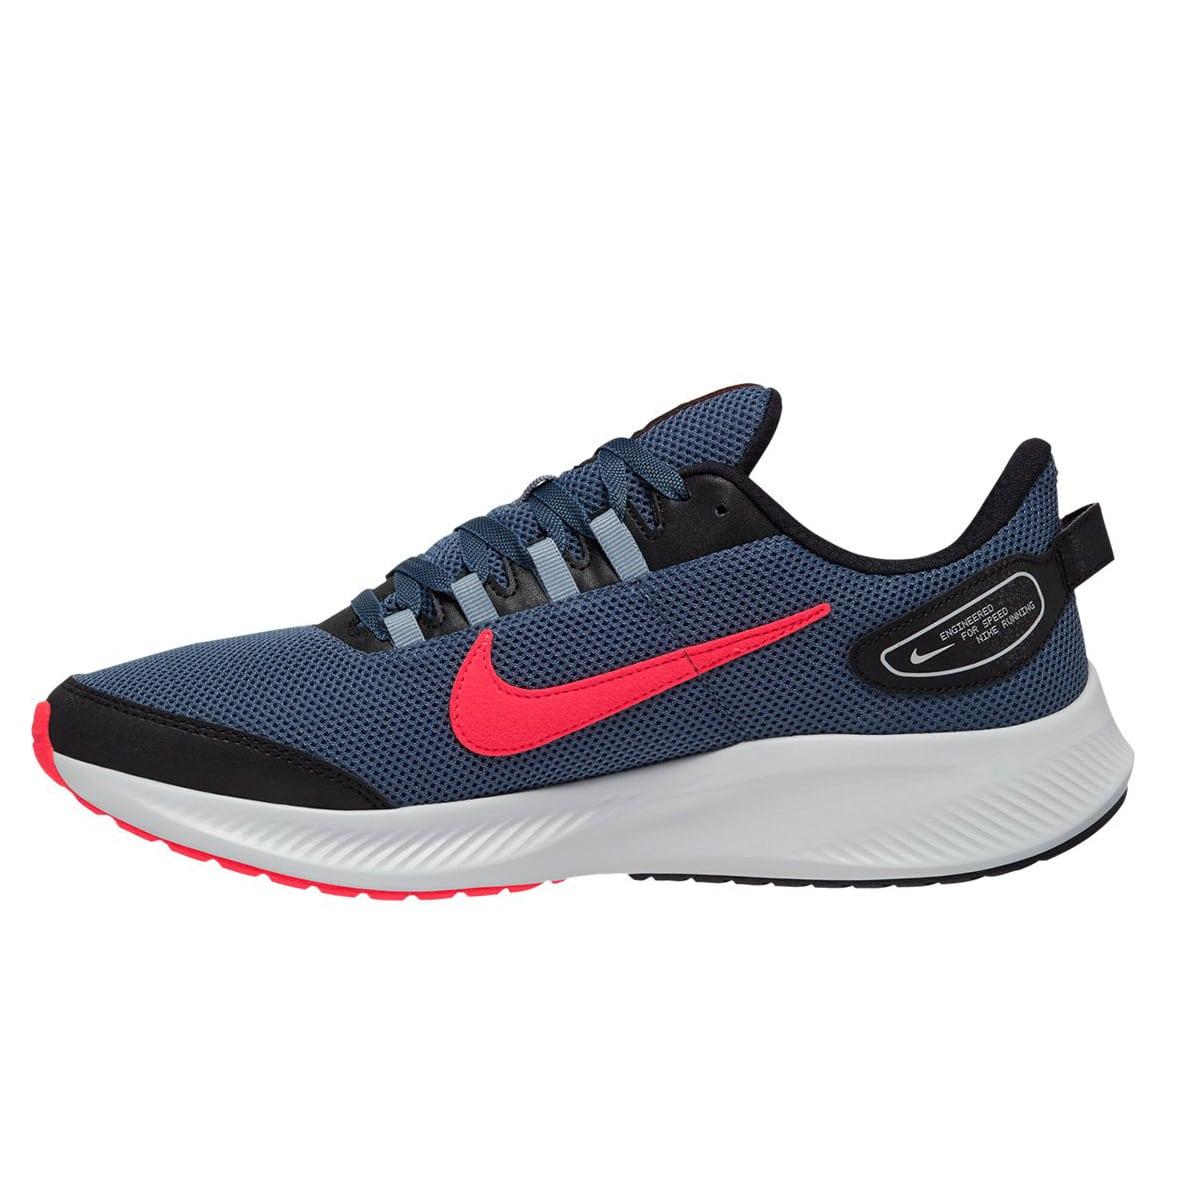 Tenis Runallday 2 Nike